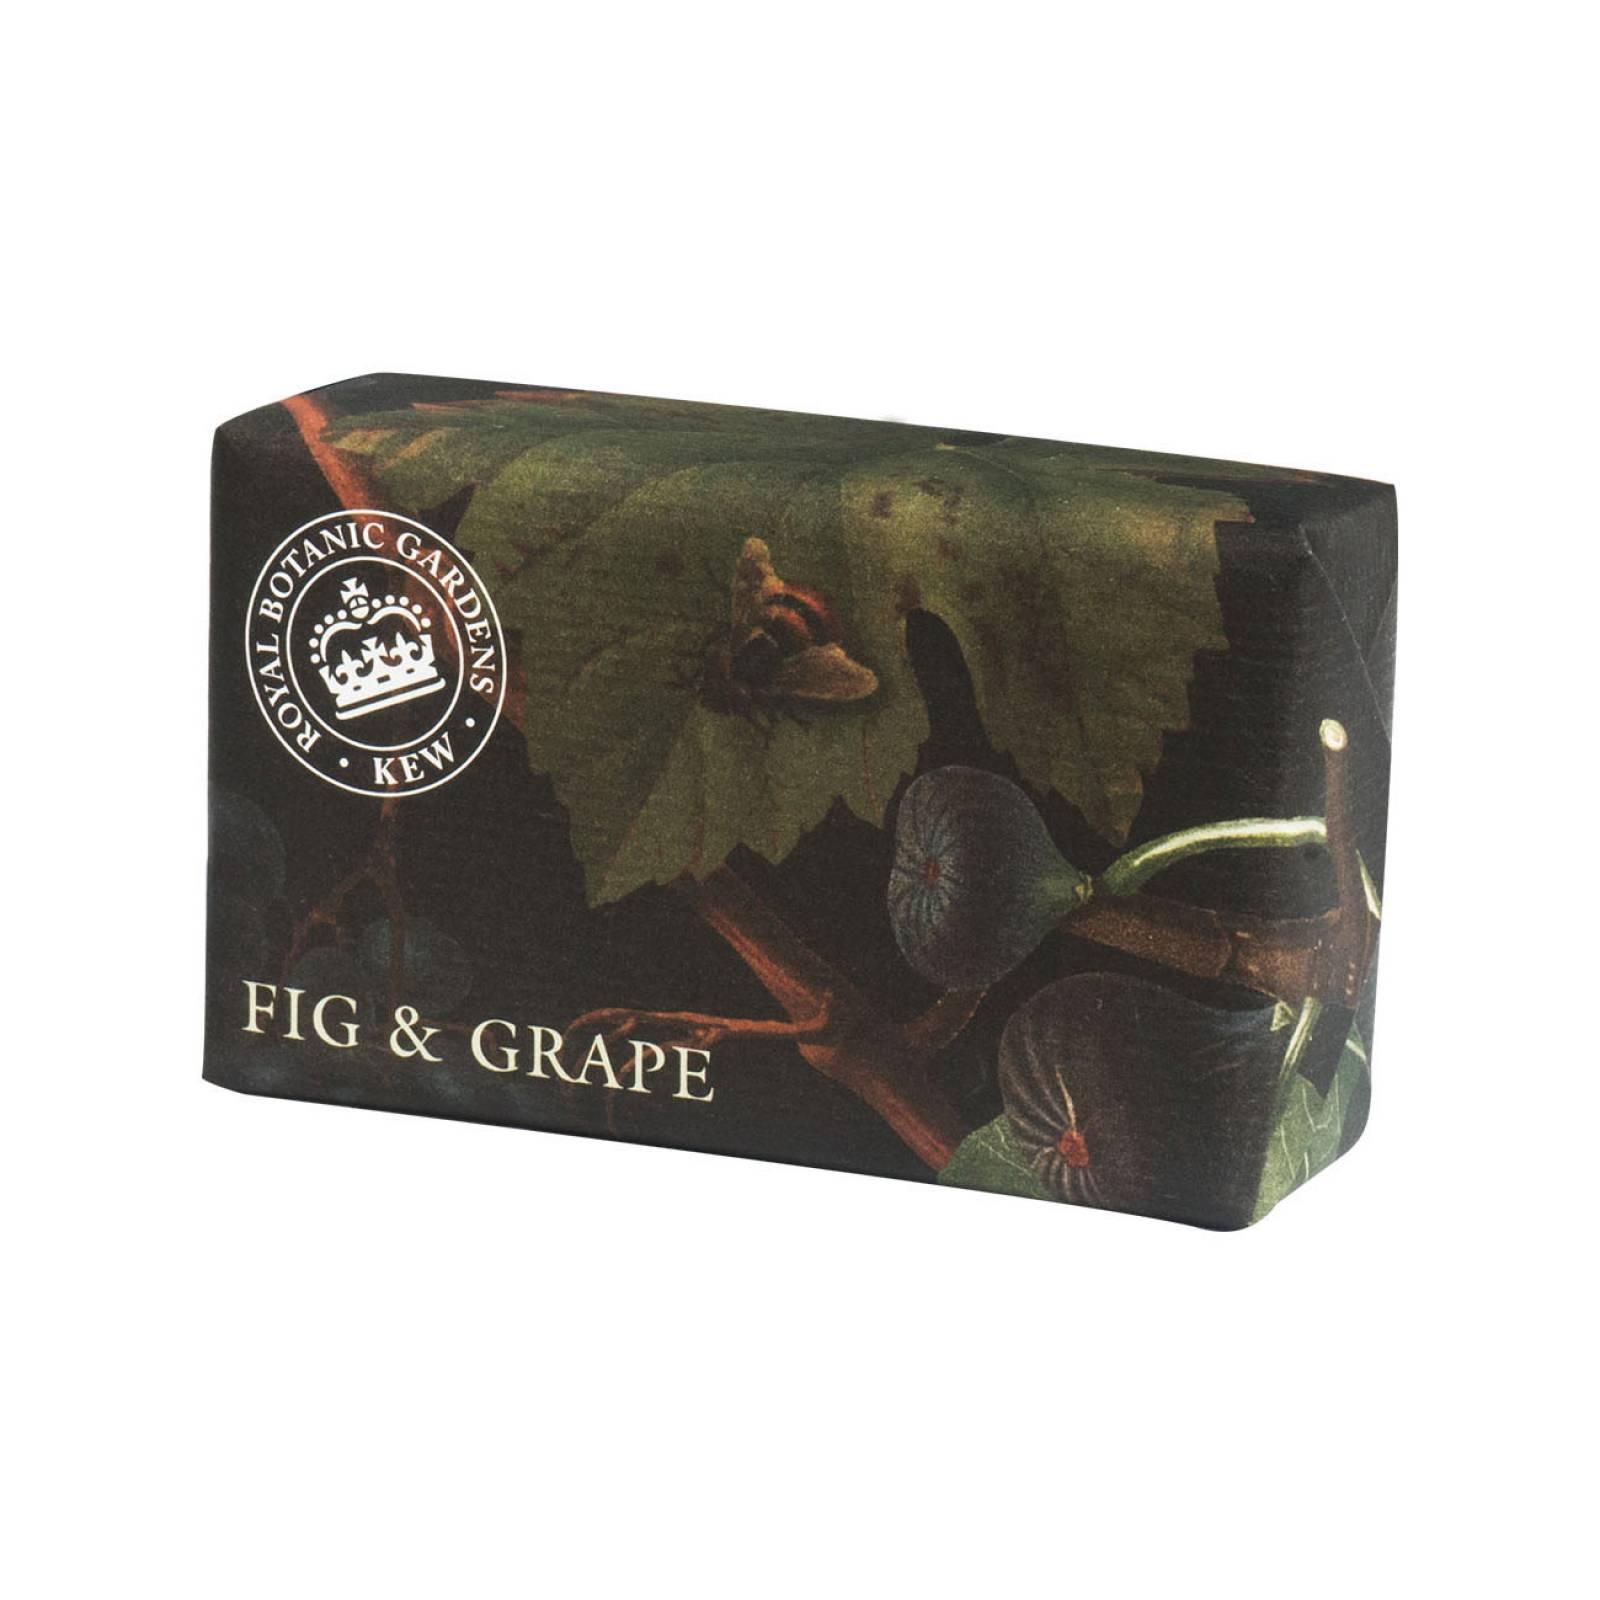 Fig & Grape Kew Gardens Soap 240g